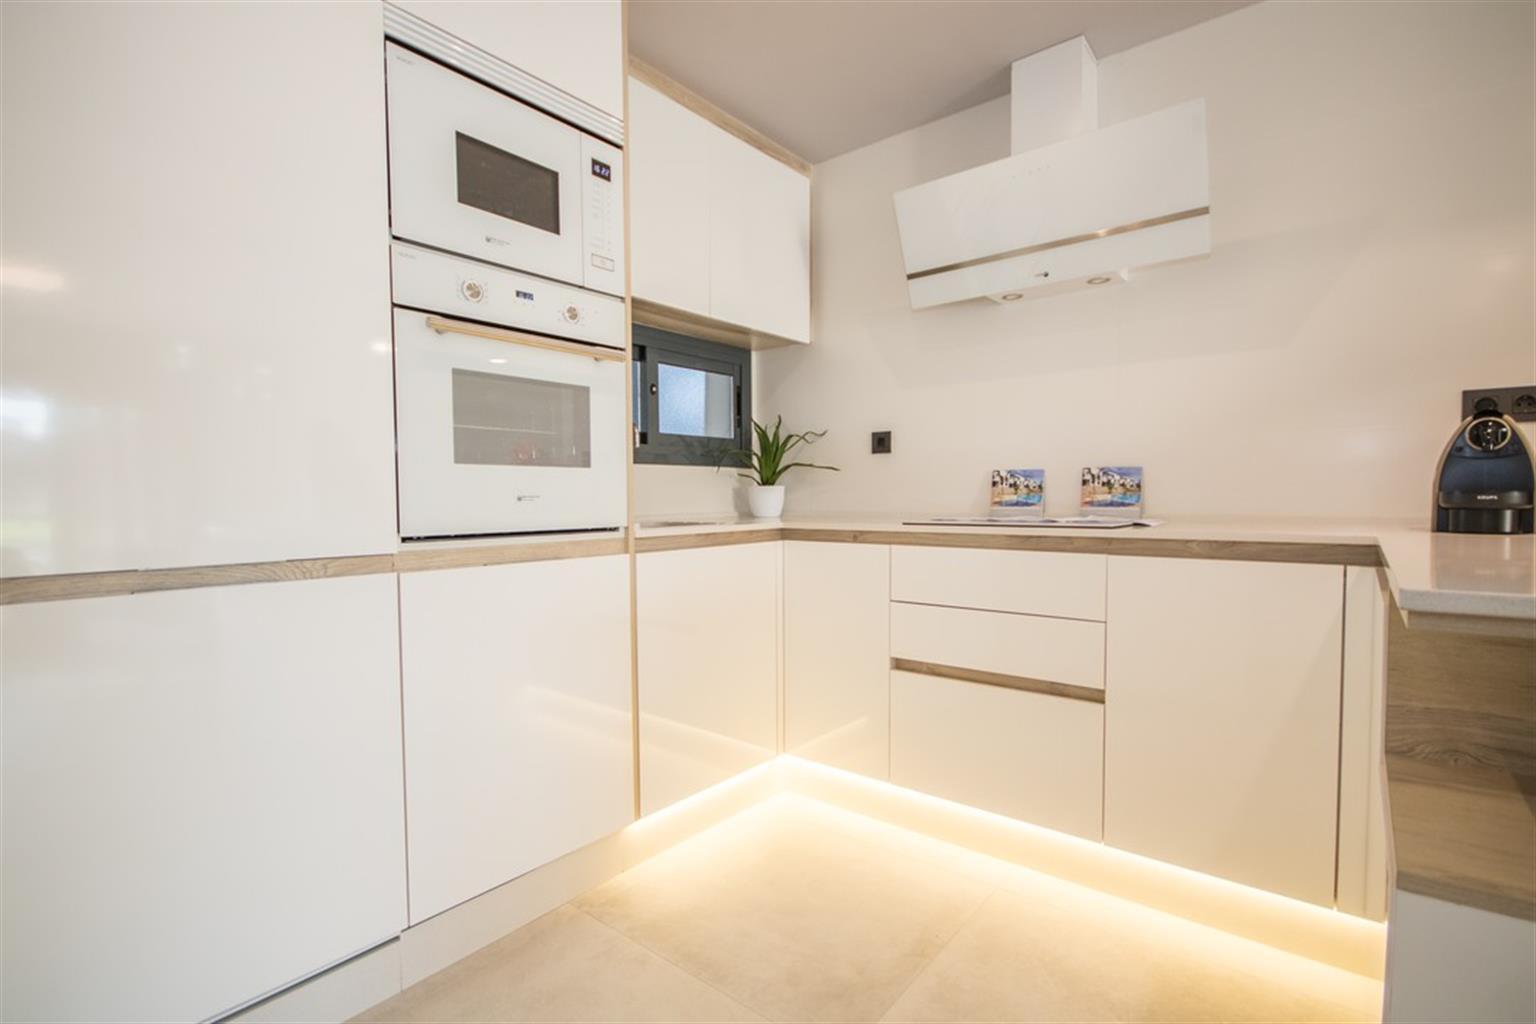 Appartement - El Raso  - #4230271-31